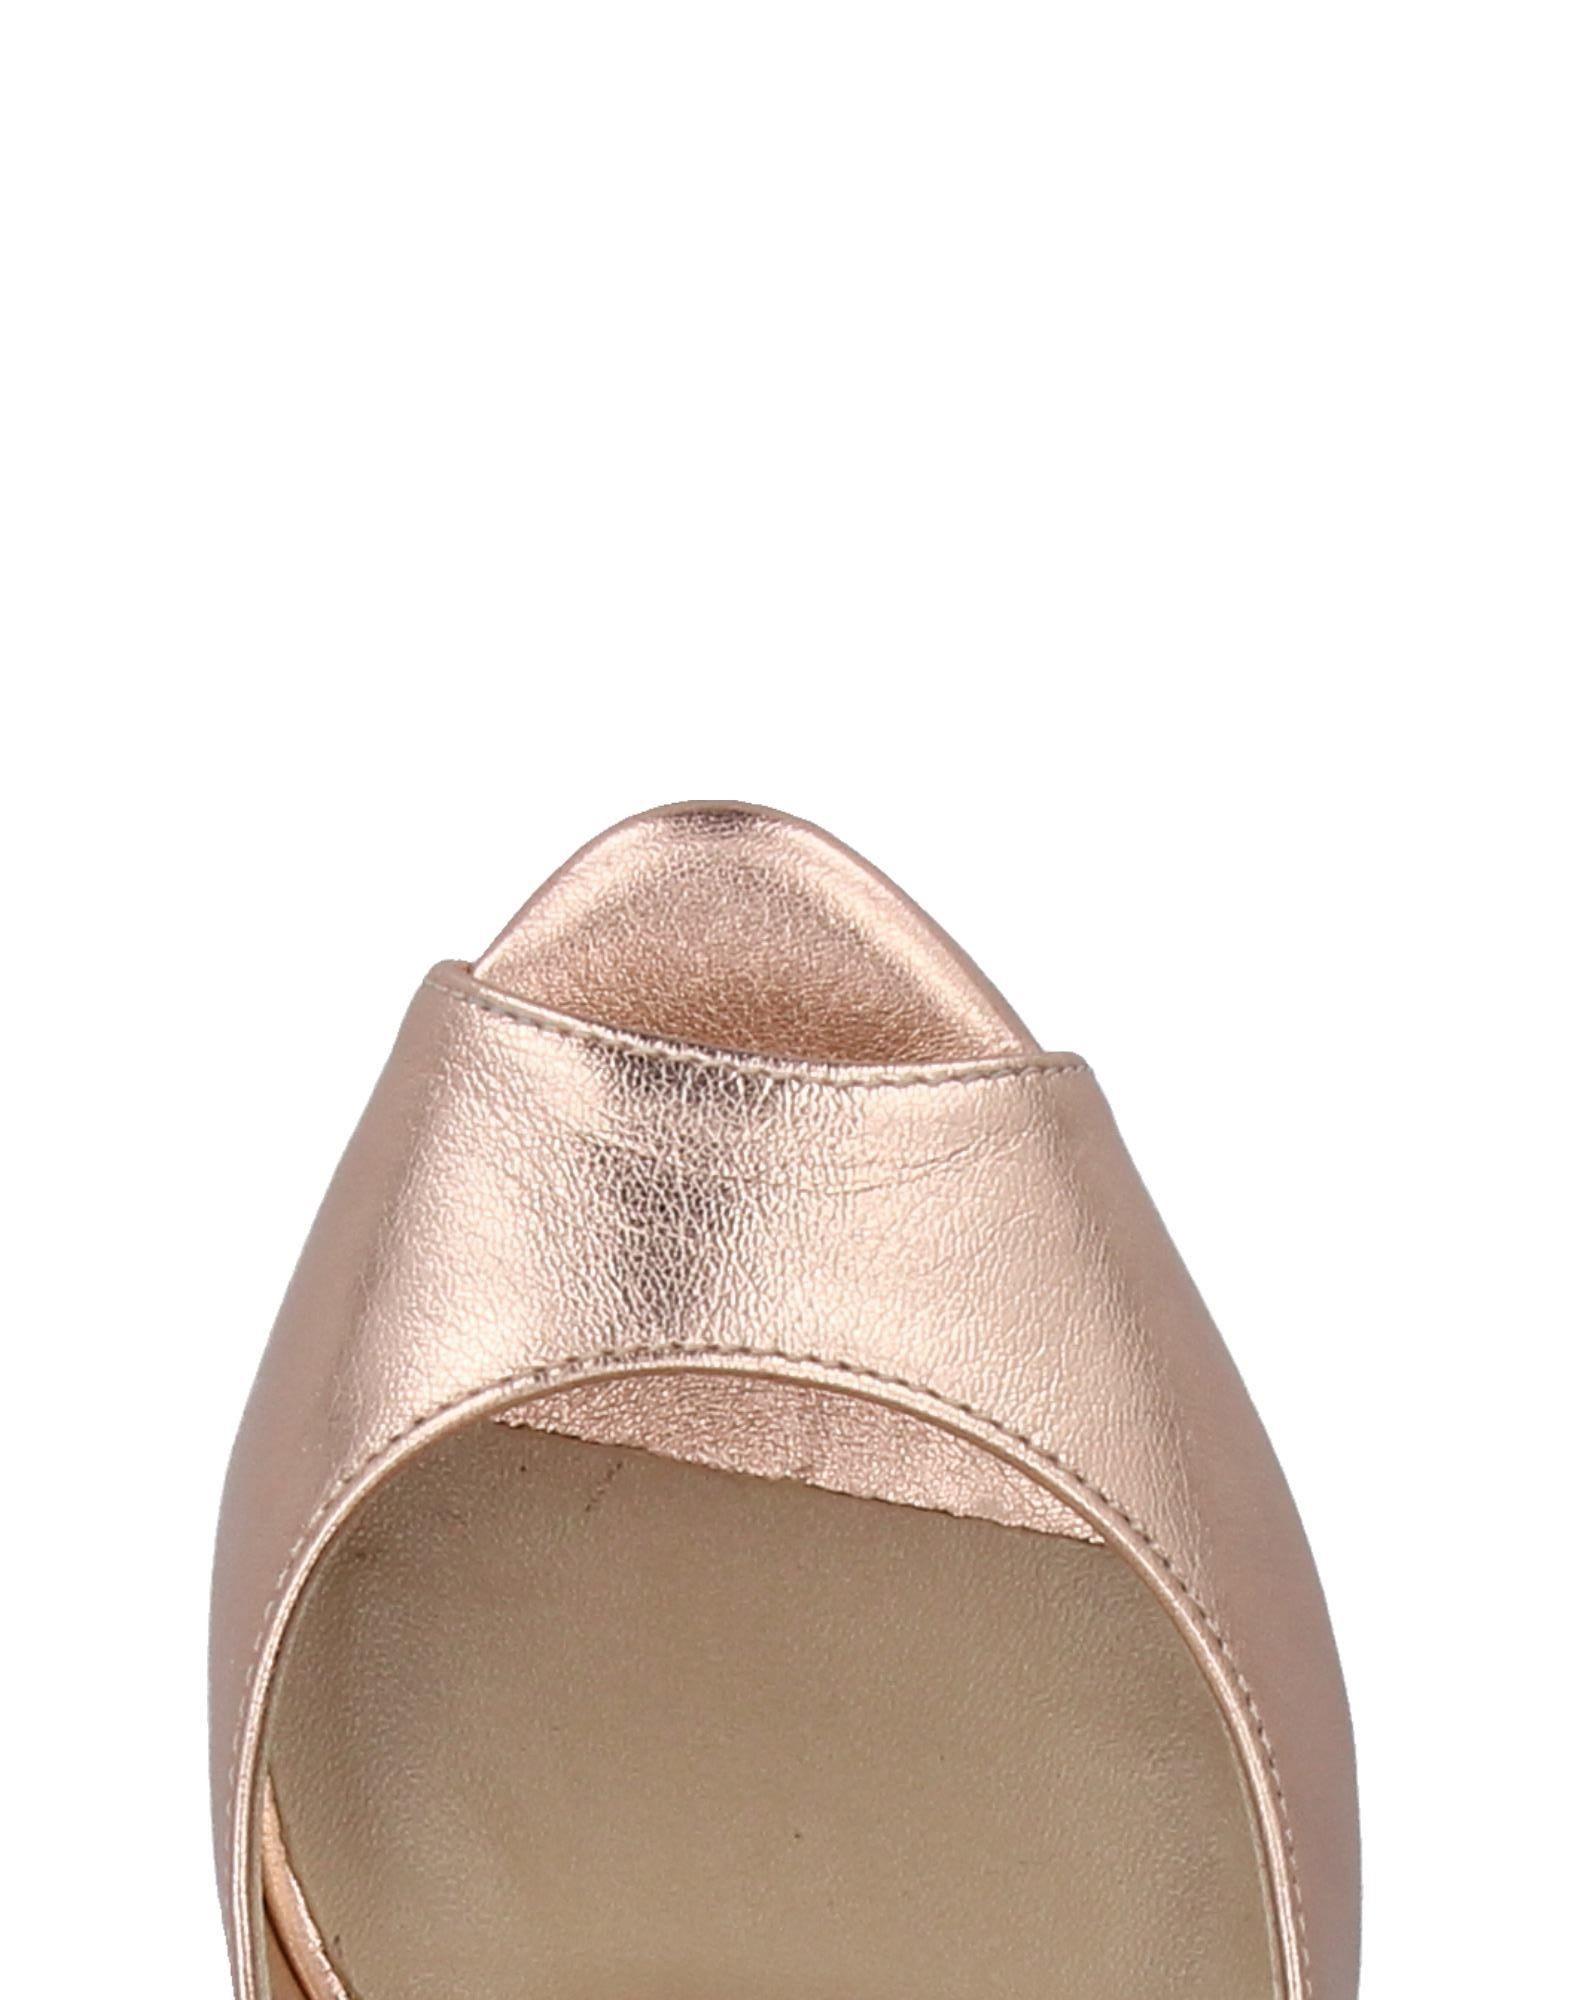 Formentini Pumps Damen Qualität 11375877ER Gute Qualität Damen beliebte Schuhe 448d07